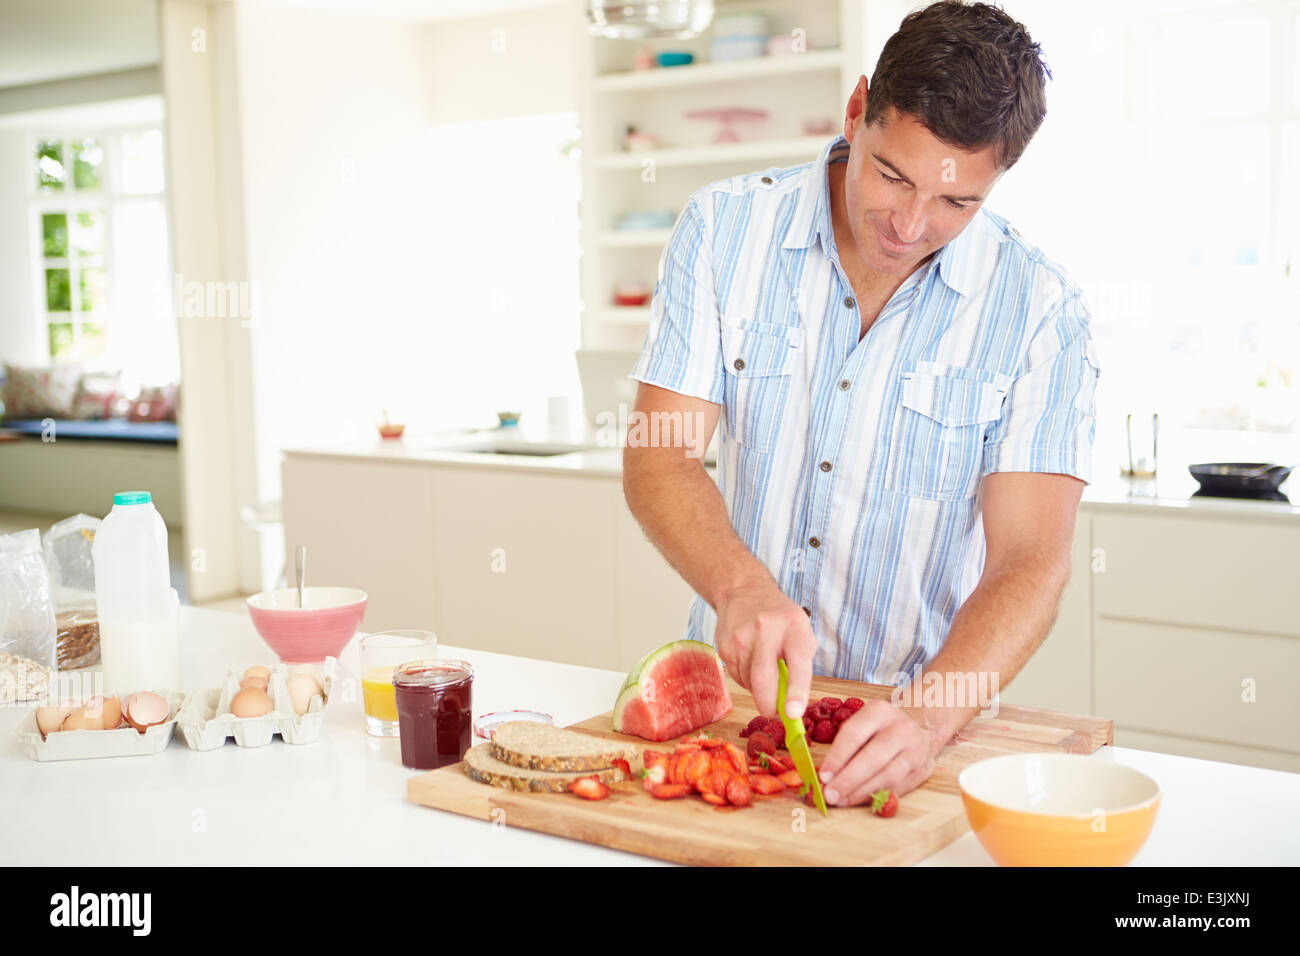 L'homme de préparer un petit-déjeuner sain dans la cuisine Photo Stock